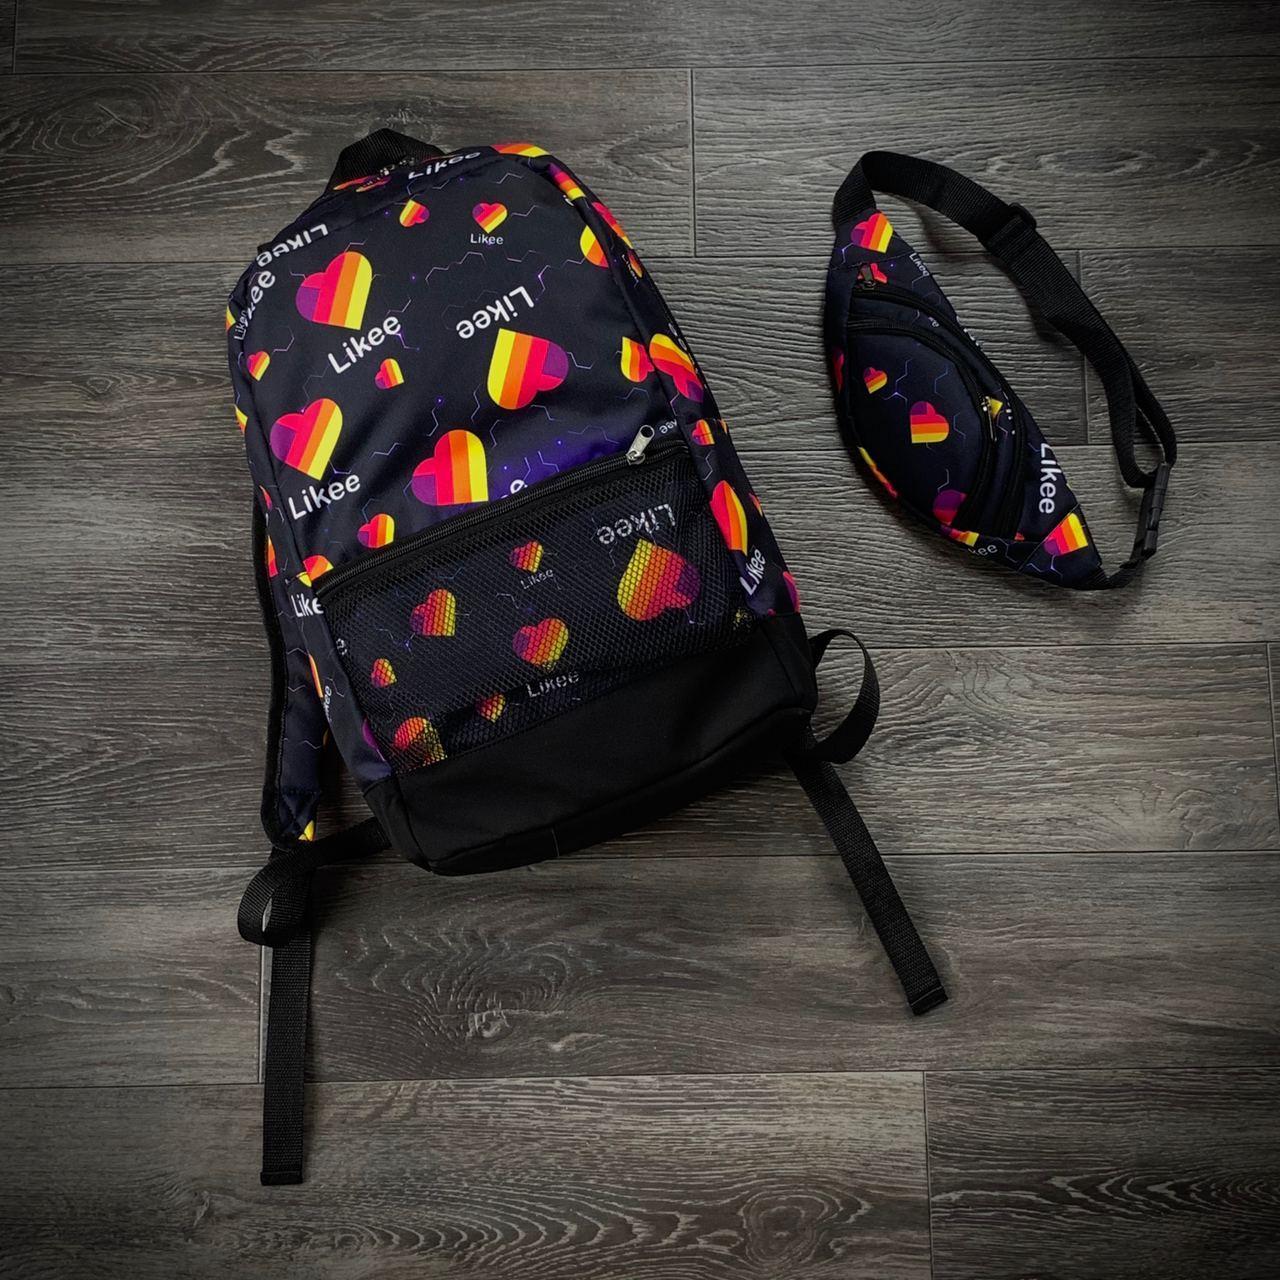 Комплект рюкзак Intruder Likee + бананка Темно-синий (1597922865)